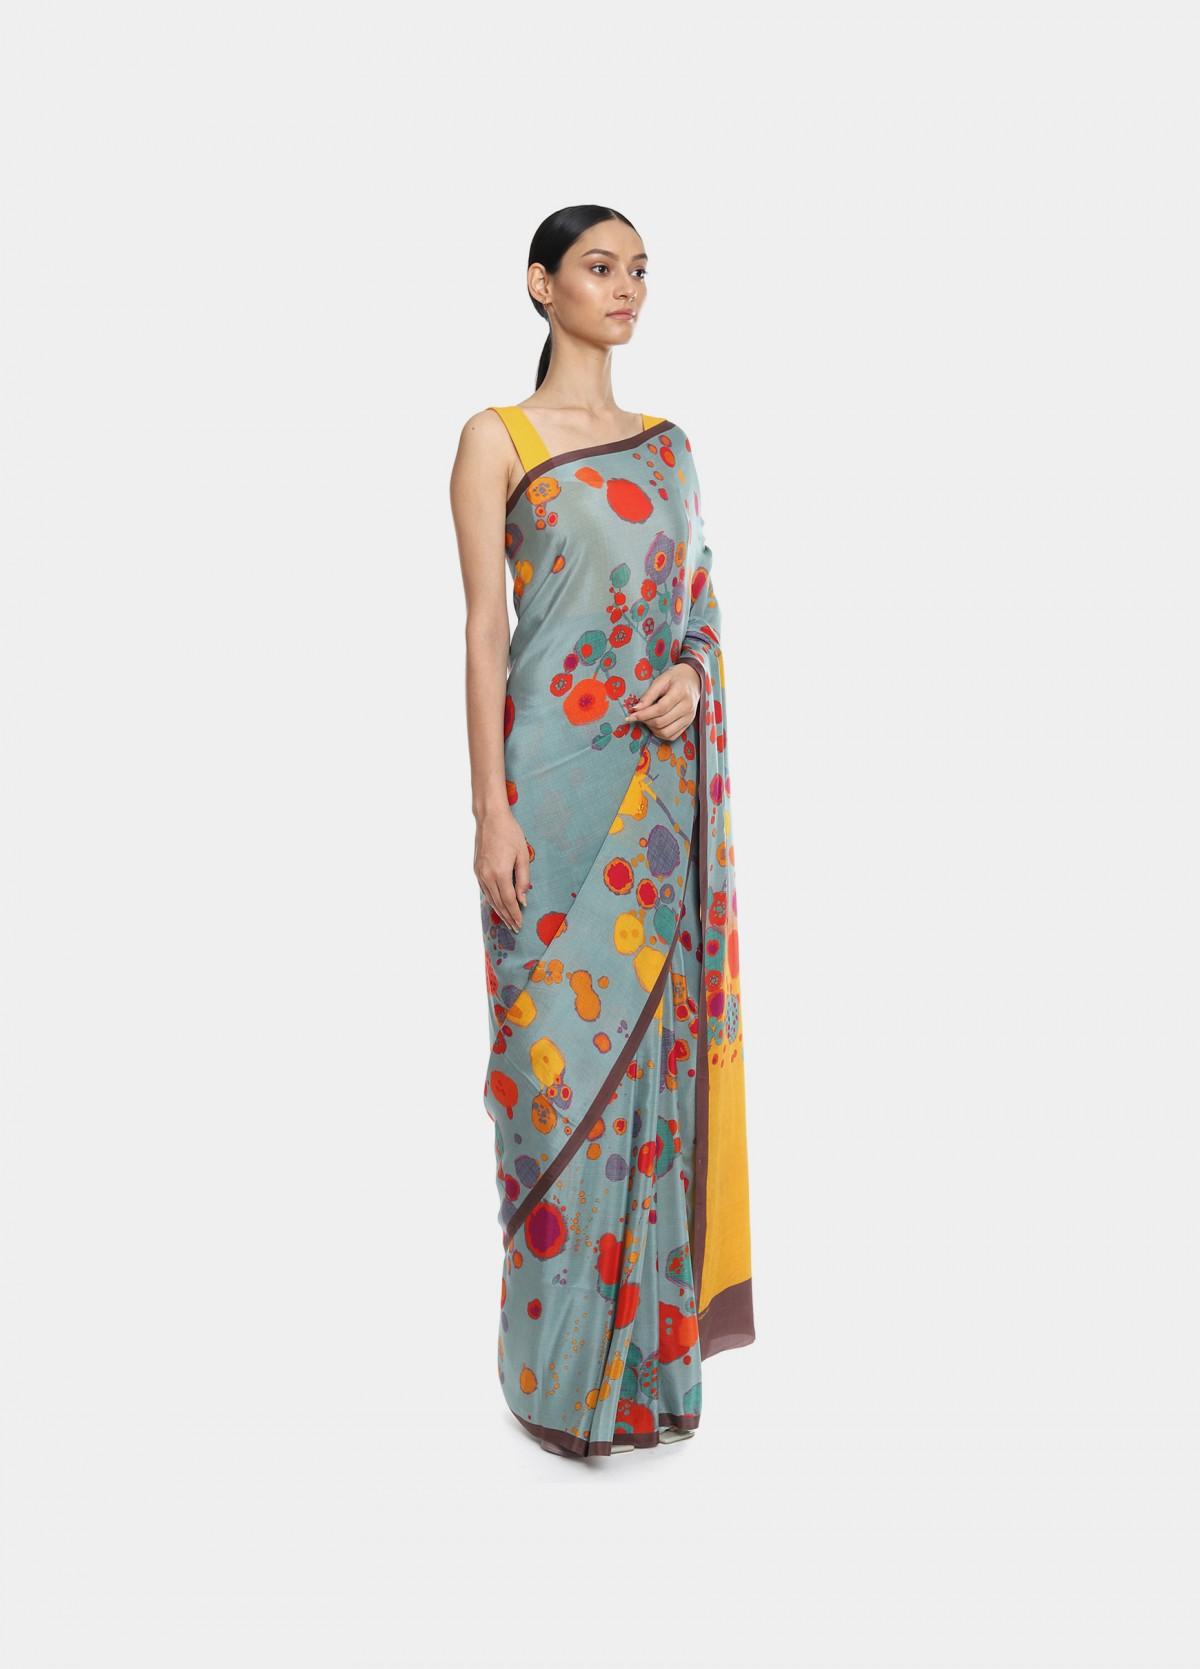 The Halo Sari